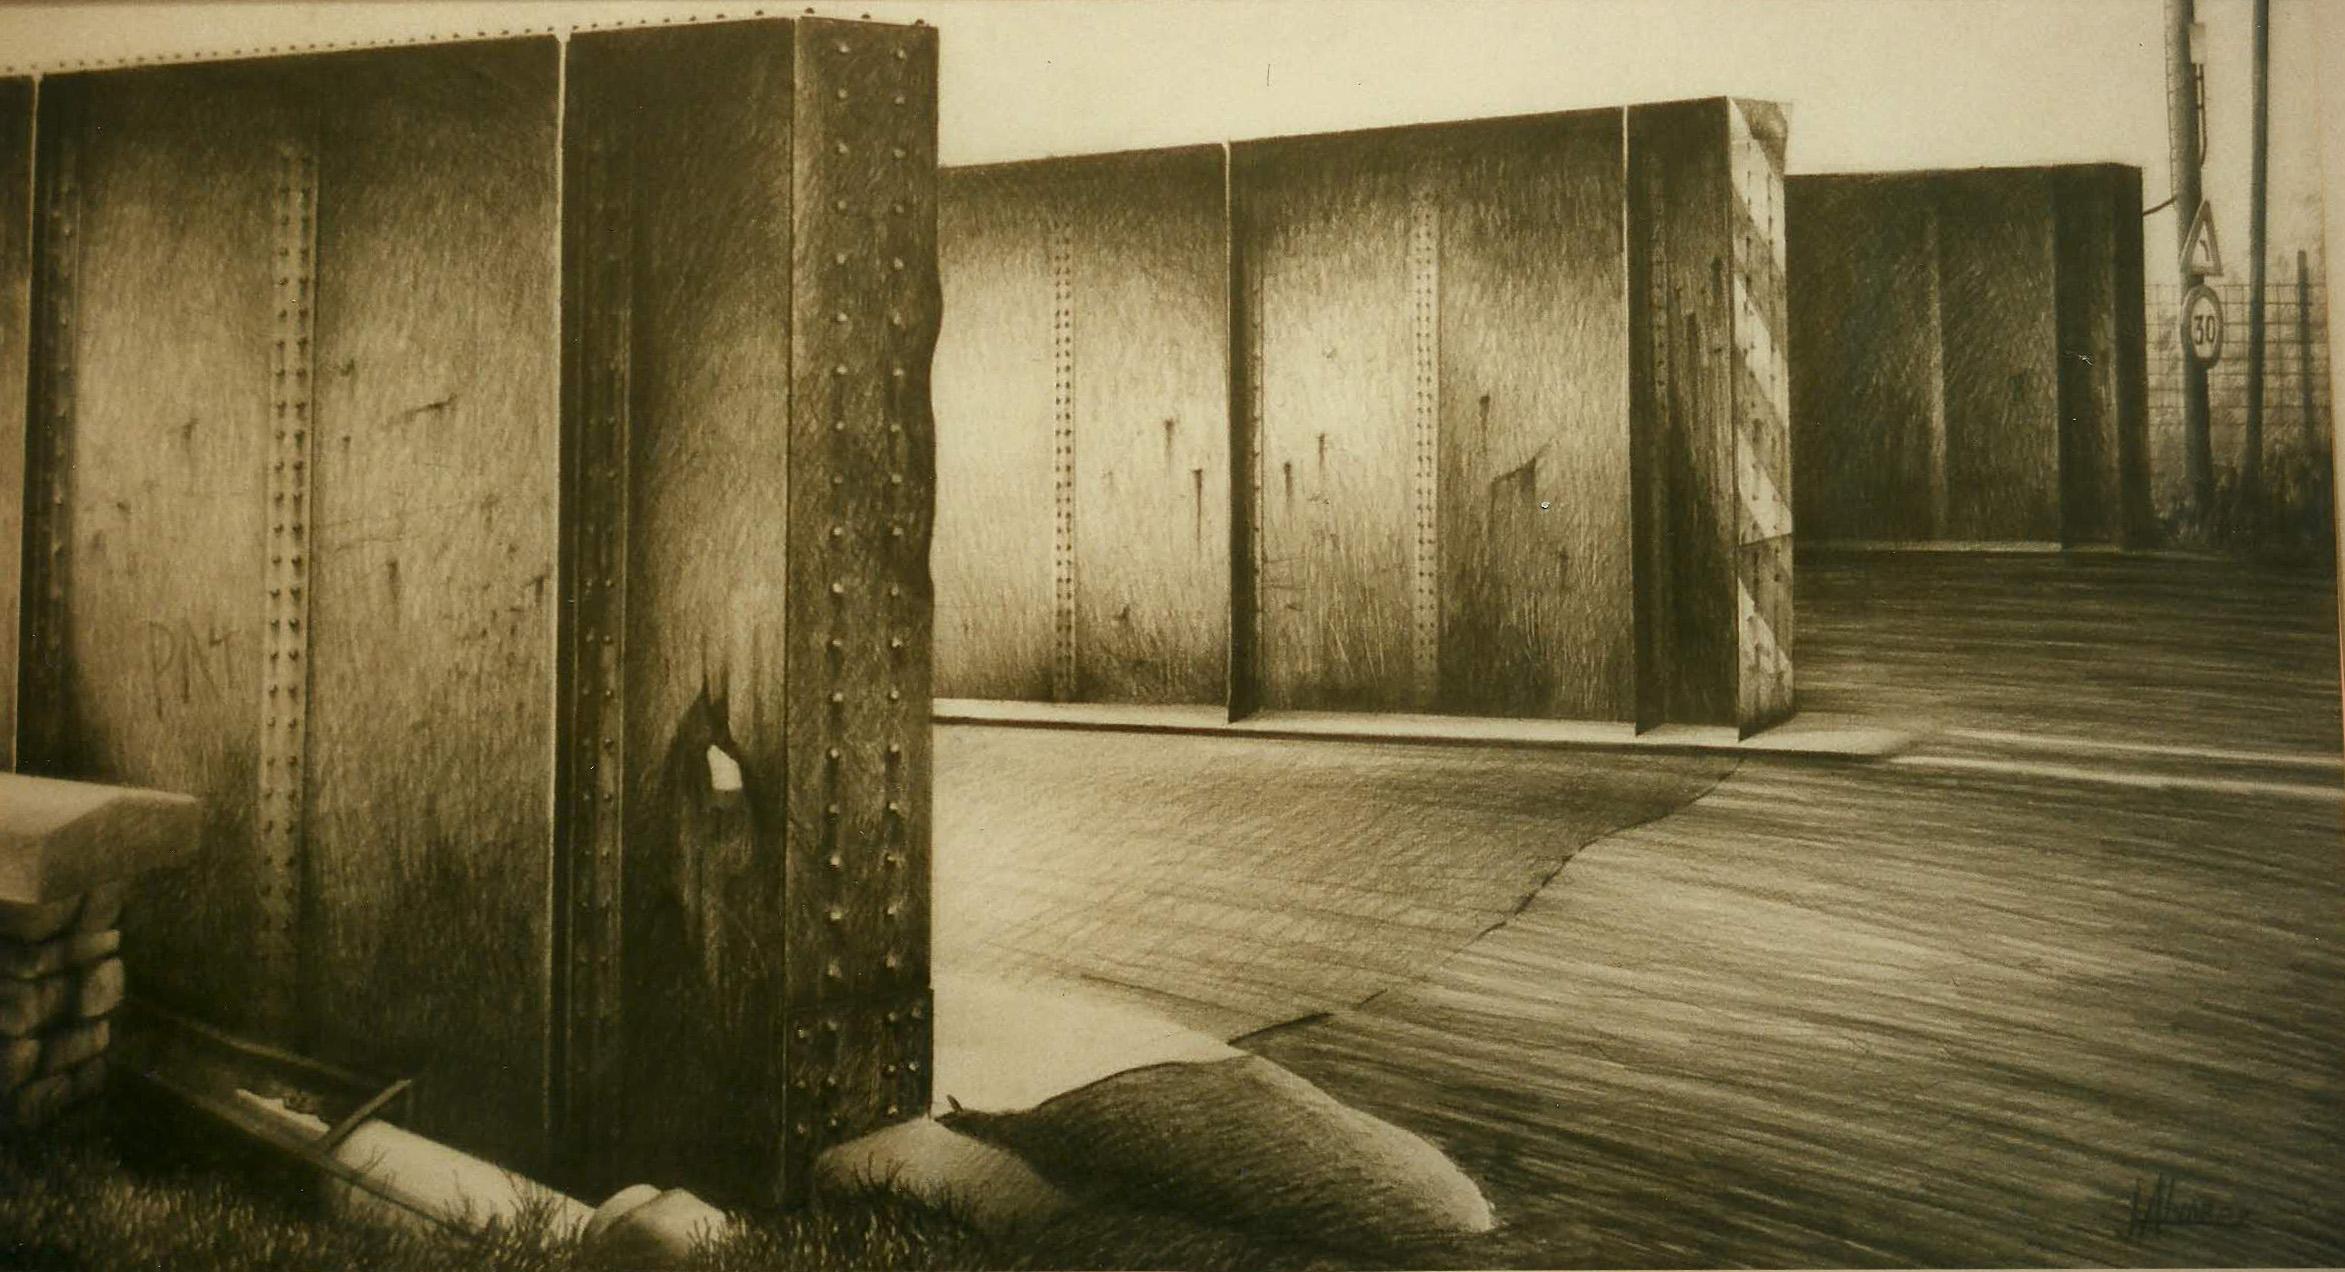 Juan Alvarez puente de hierro